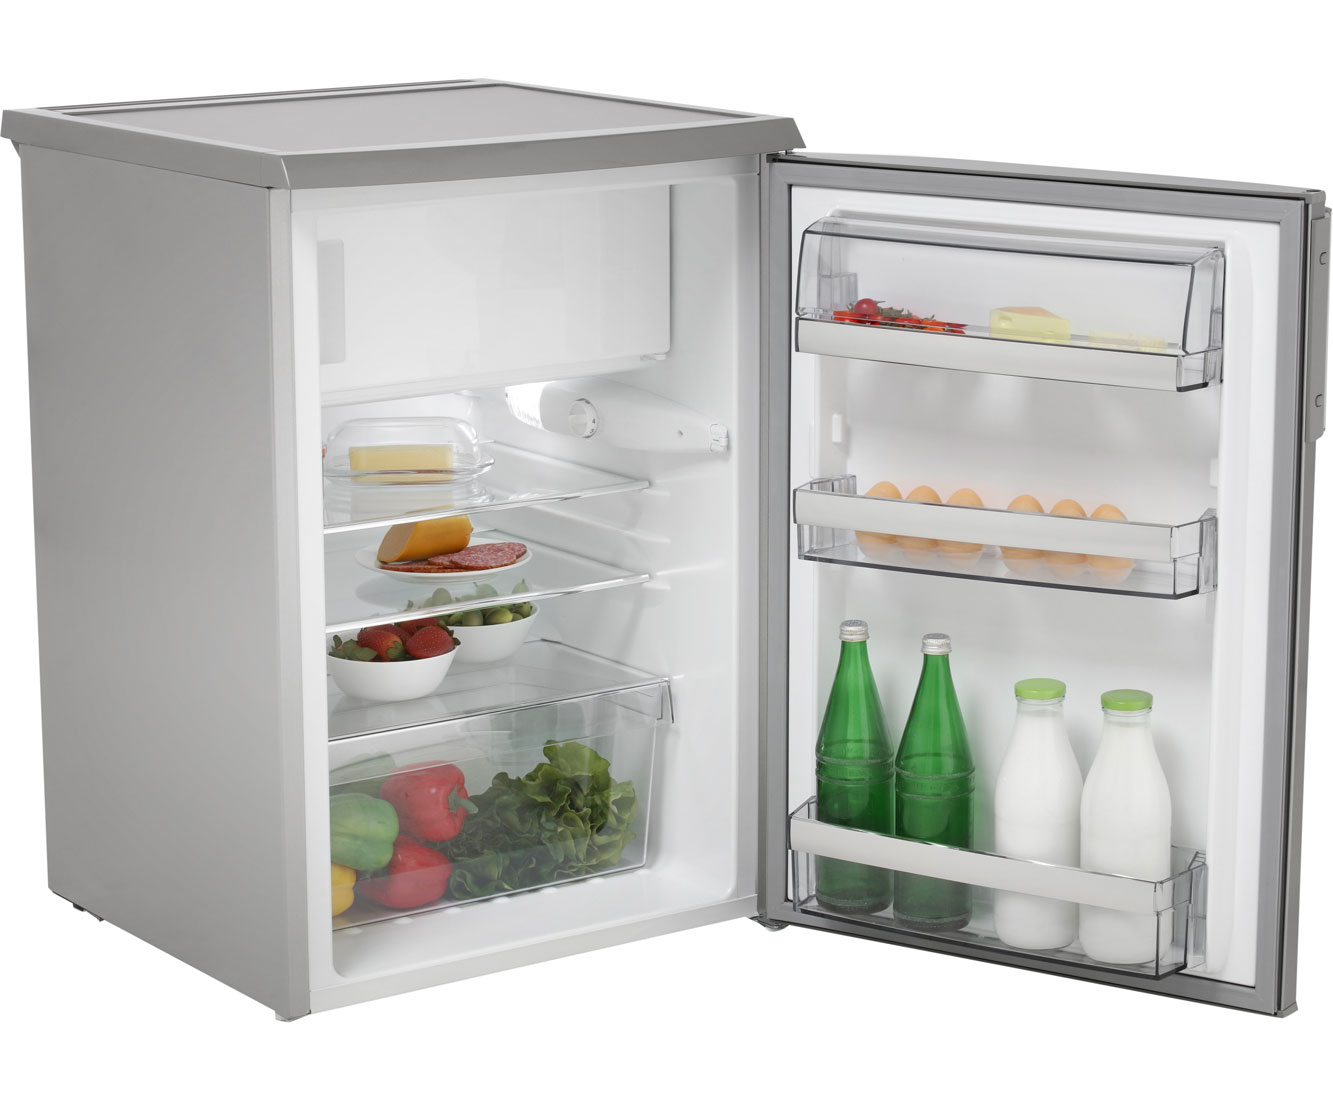 Aeg Santo Kühlschrank Mit Gefrierfach : Aeg santo rtb ax kühlschrank mit gefrierfach edelstahl a